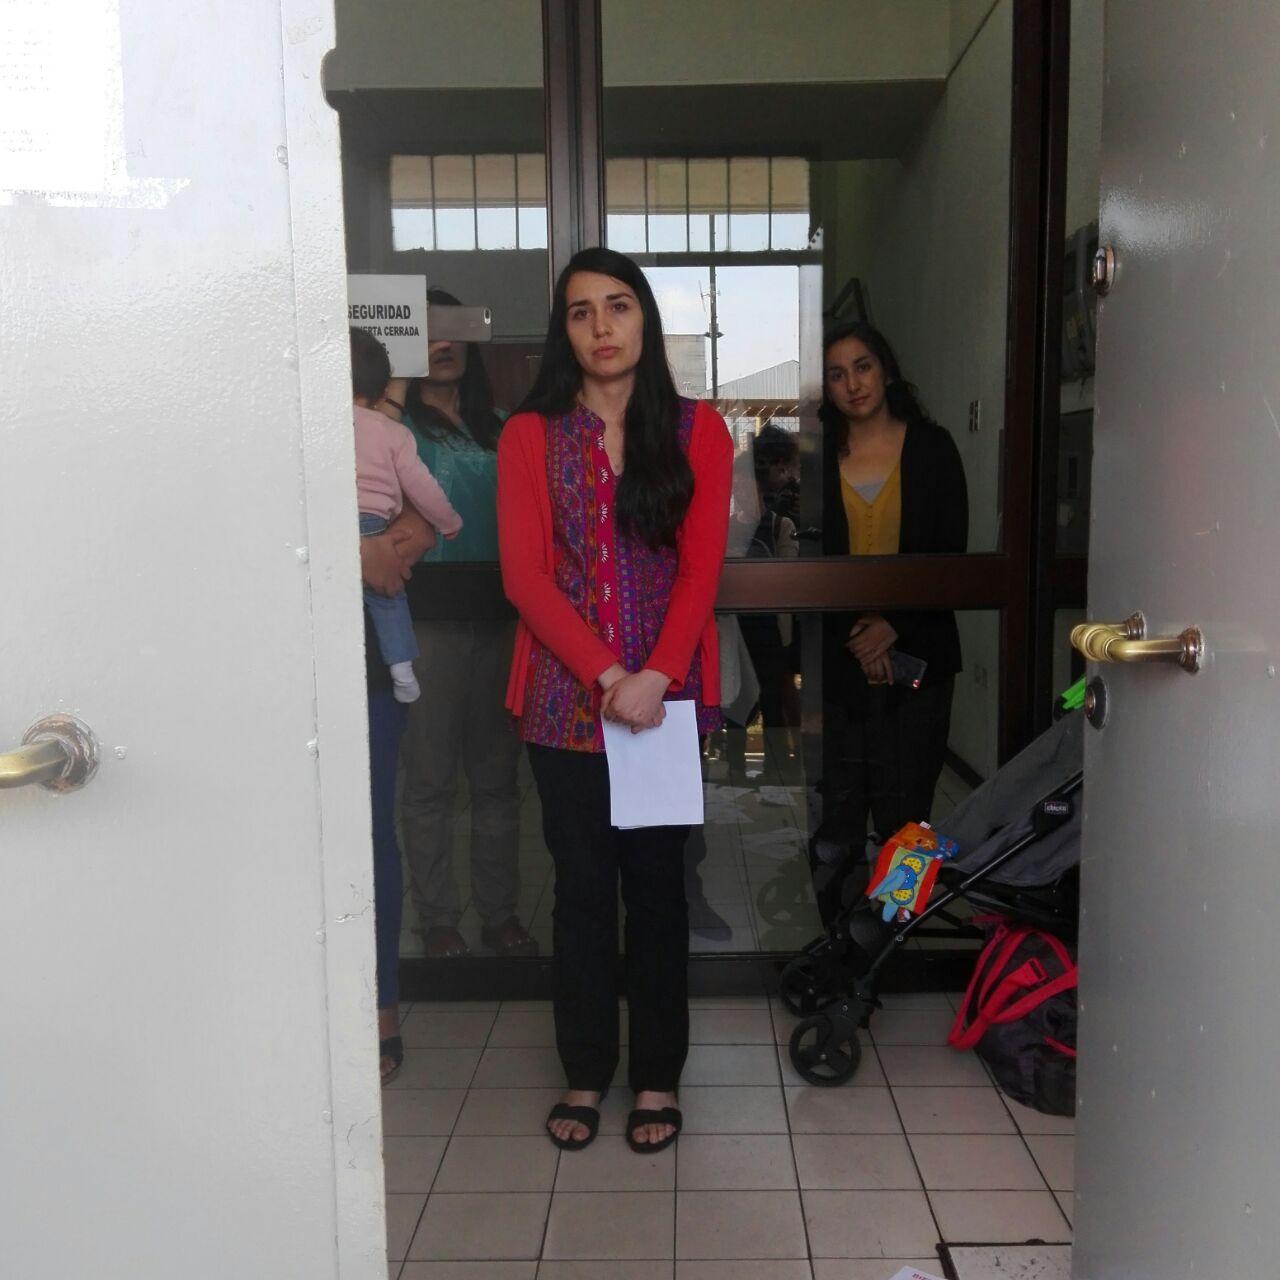 Organizaciones acuden a iglesia evangélica    Andrea Herrera (c), cedida a BioBioChile